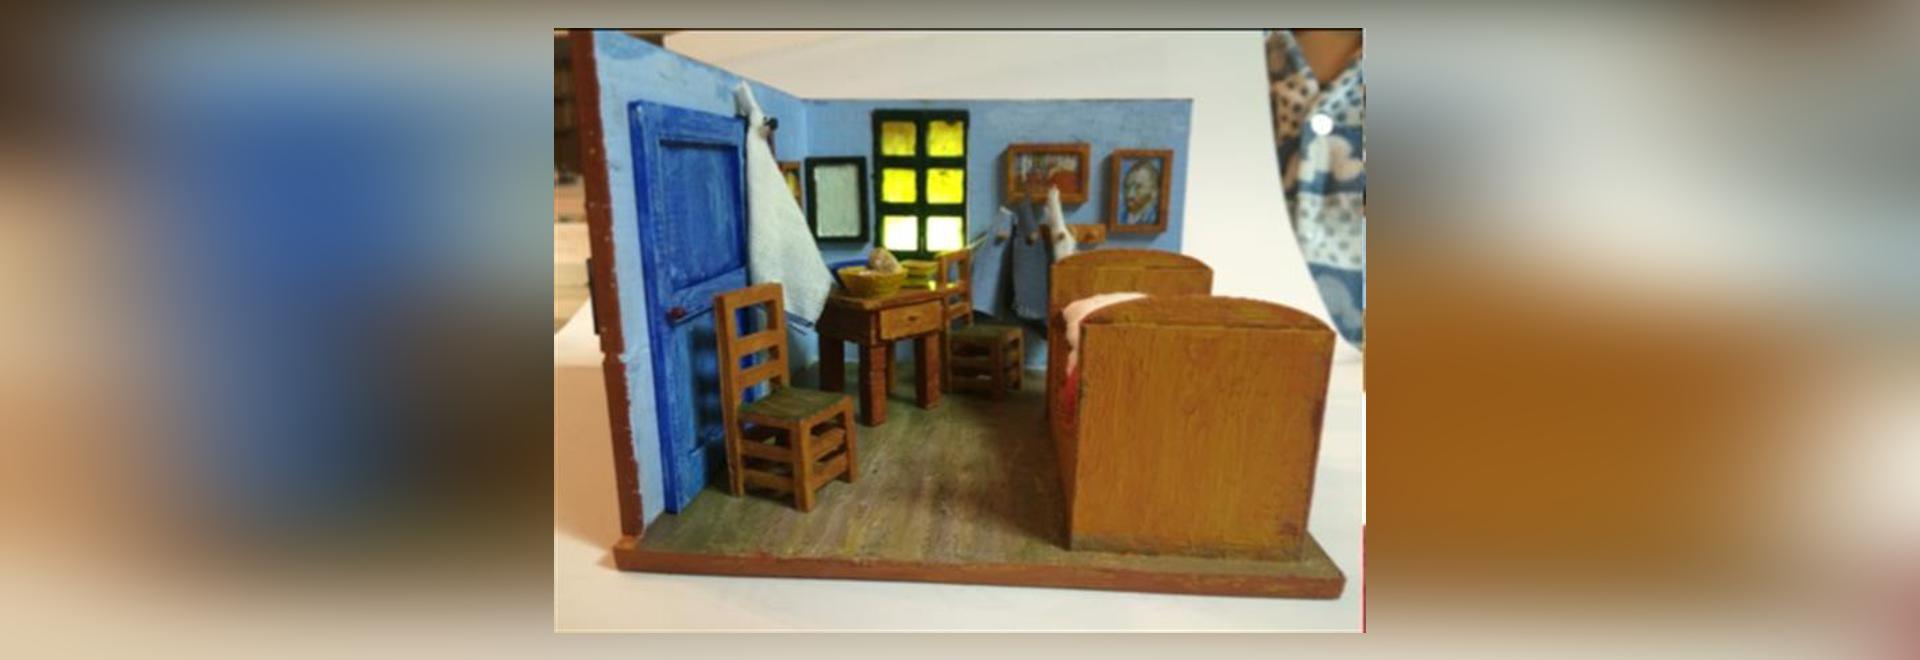 Camera da letto sudcoreana del Van Gogh ripiegato del figlio e del ...